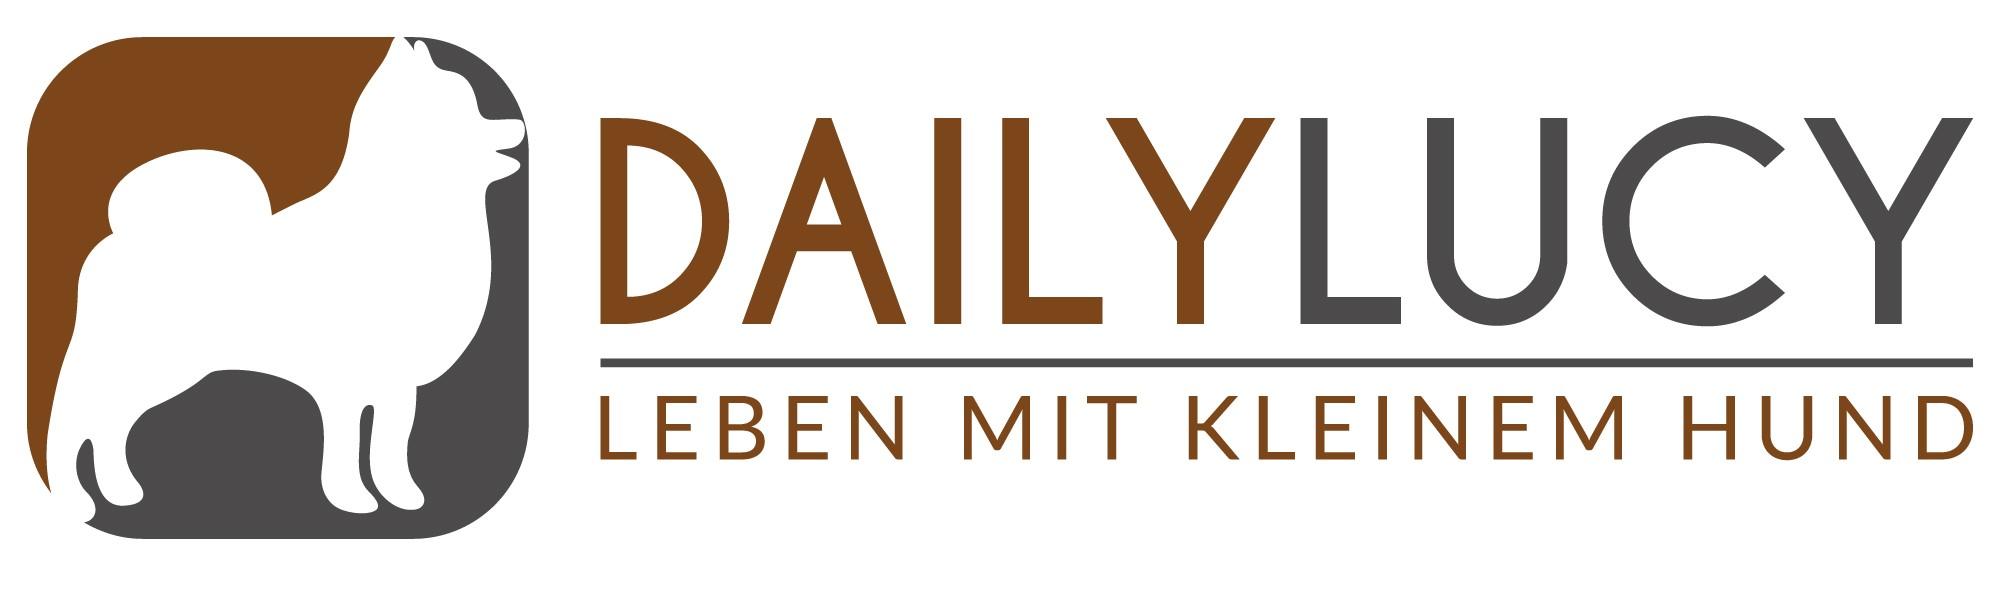 Dailylucy Hundeblog